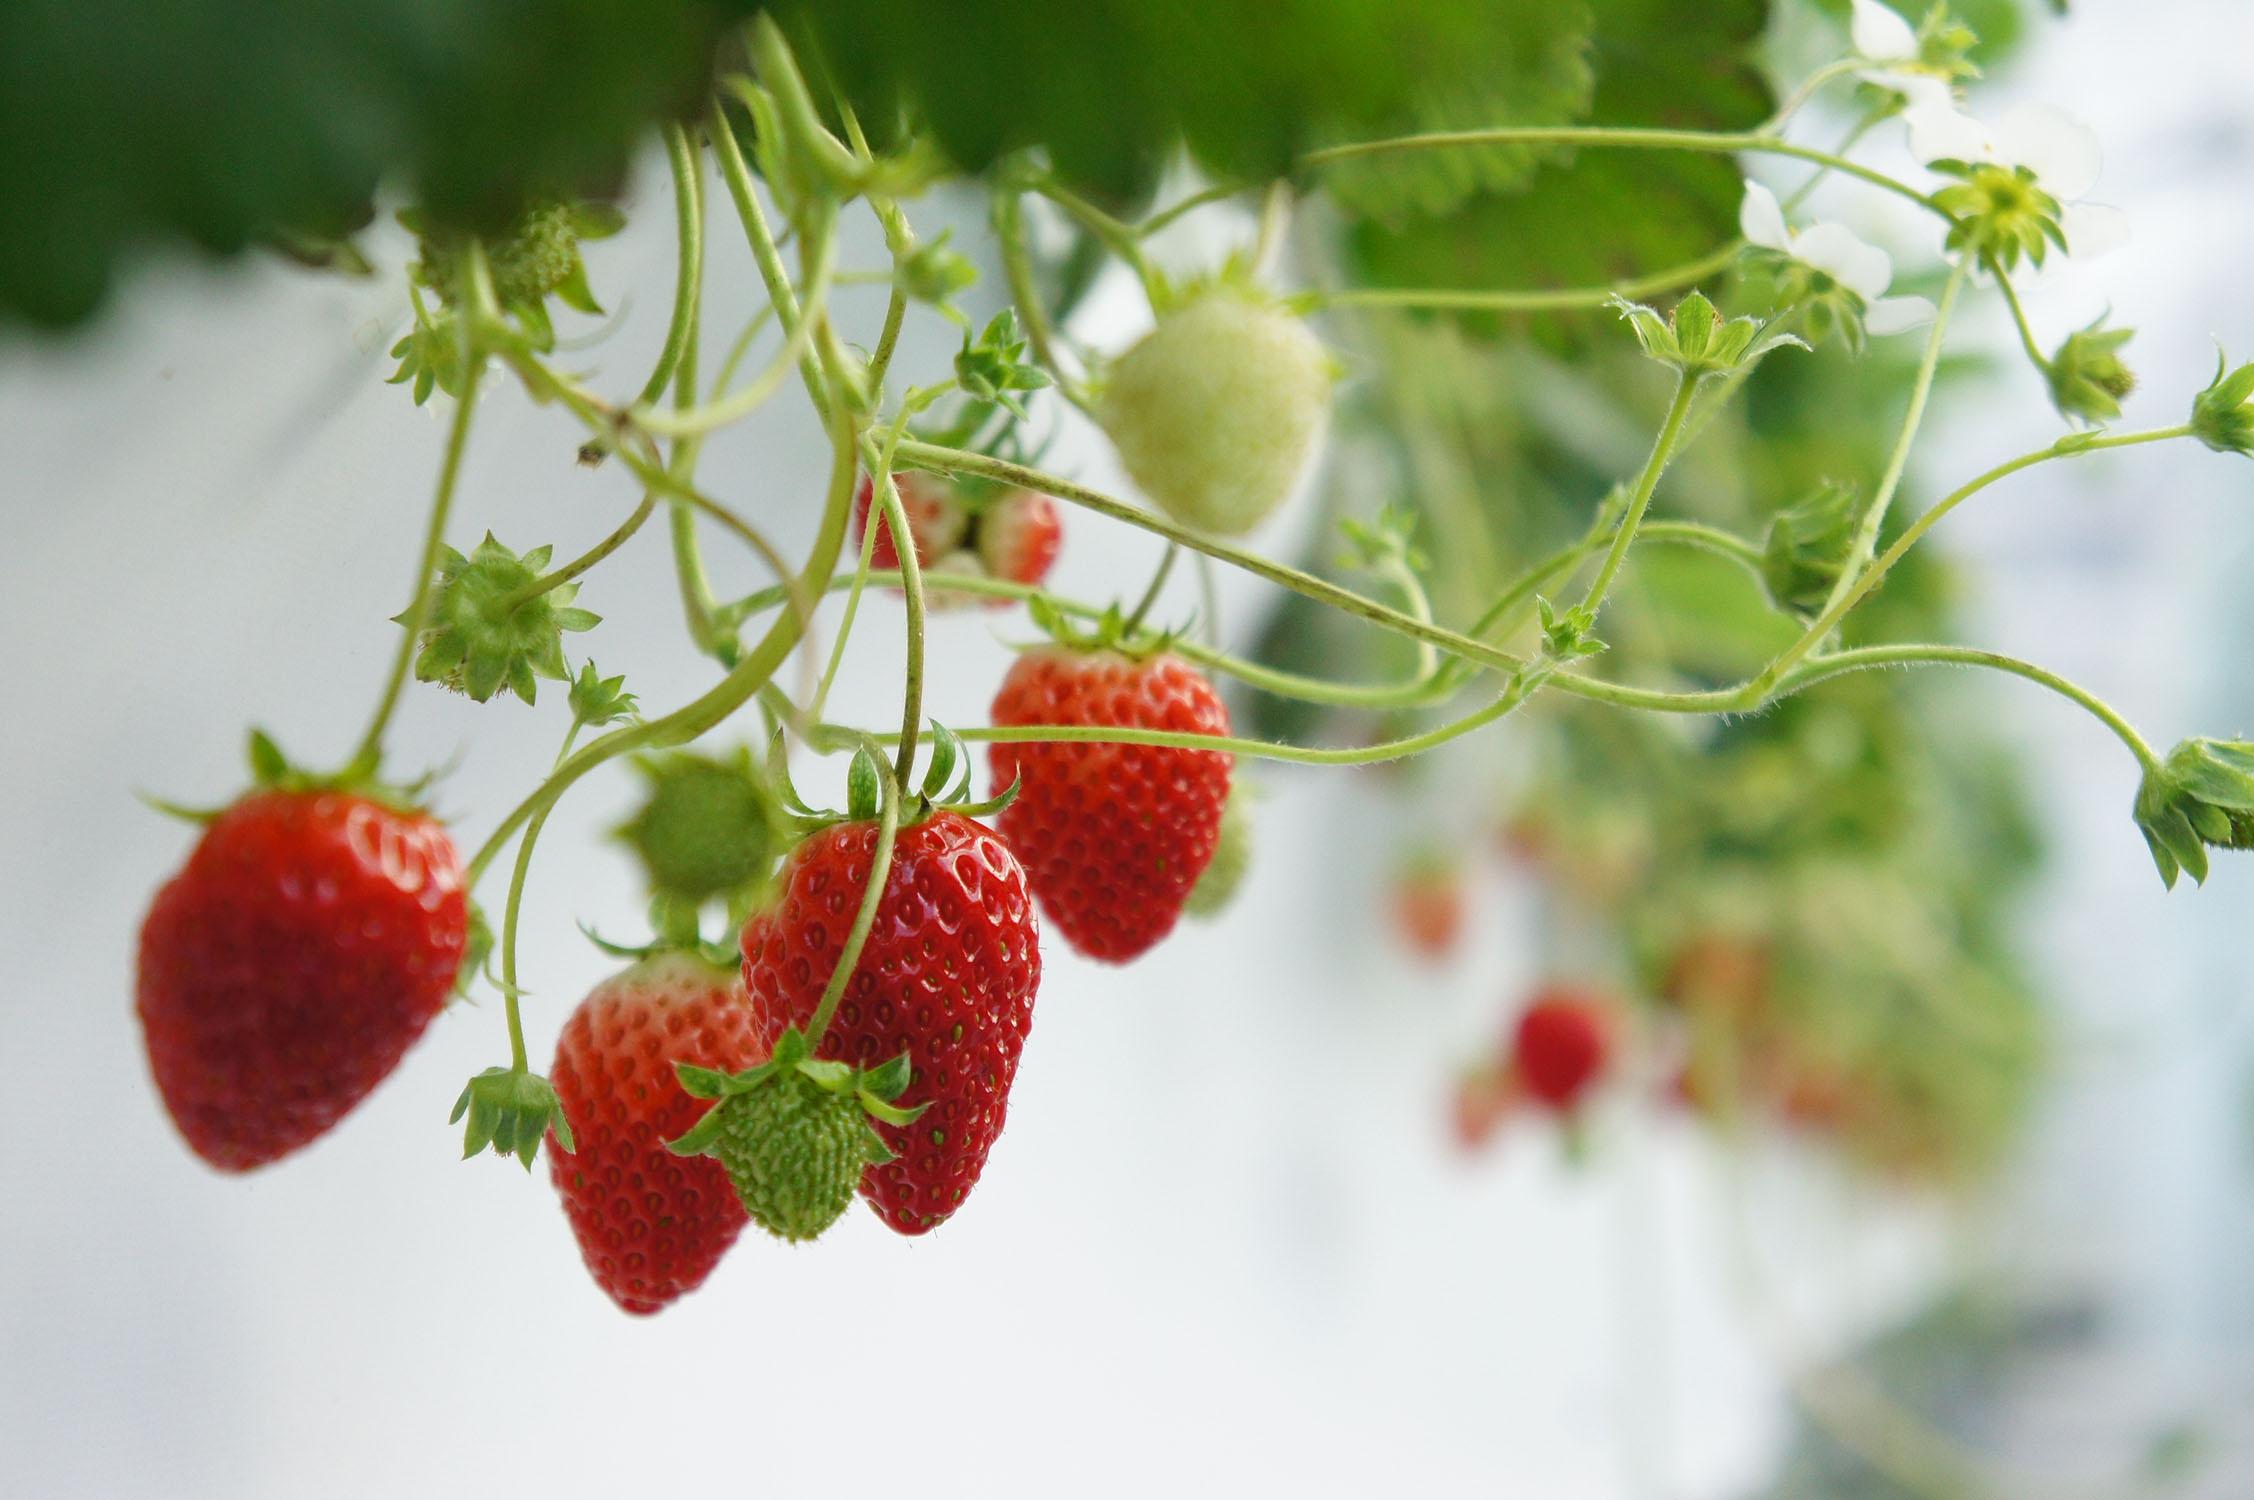 農園のイチゴ.JPG#asset:944